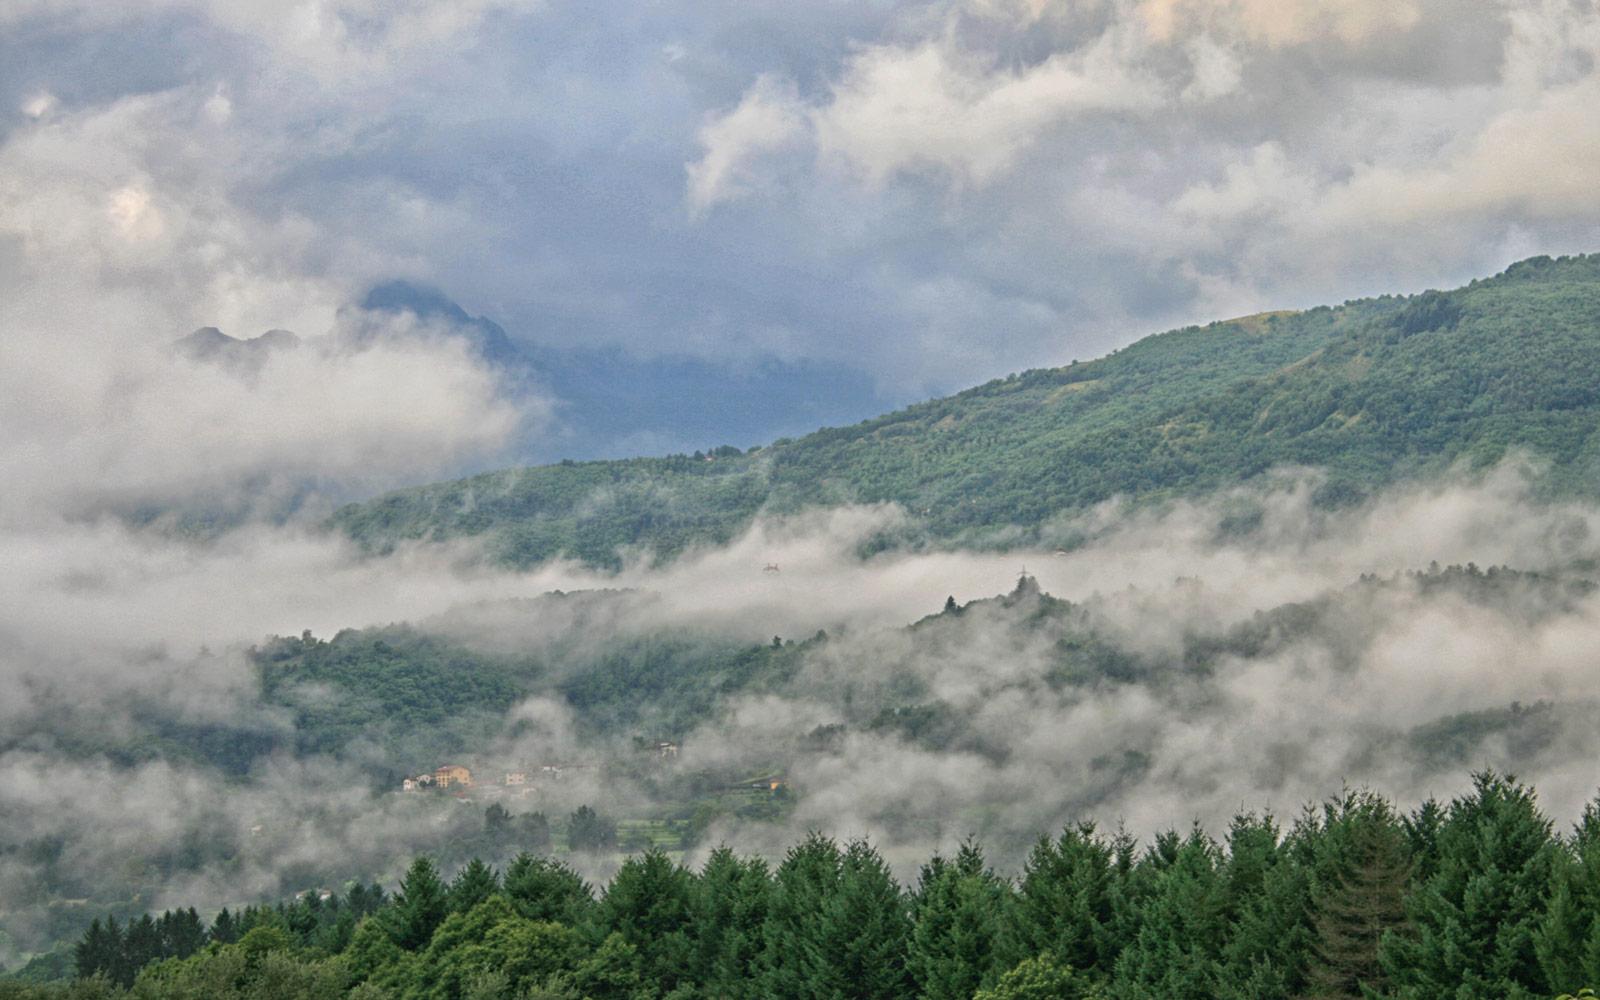 Valle de Serchio